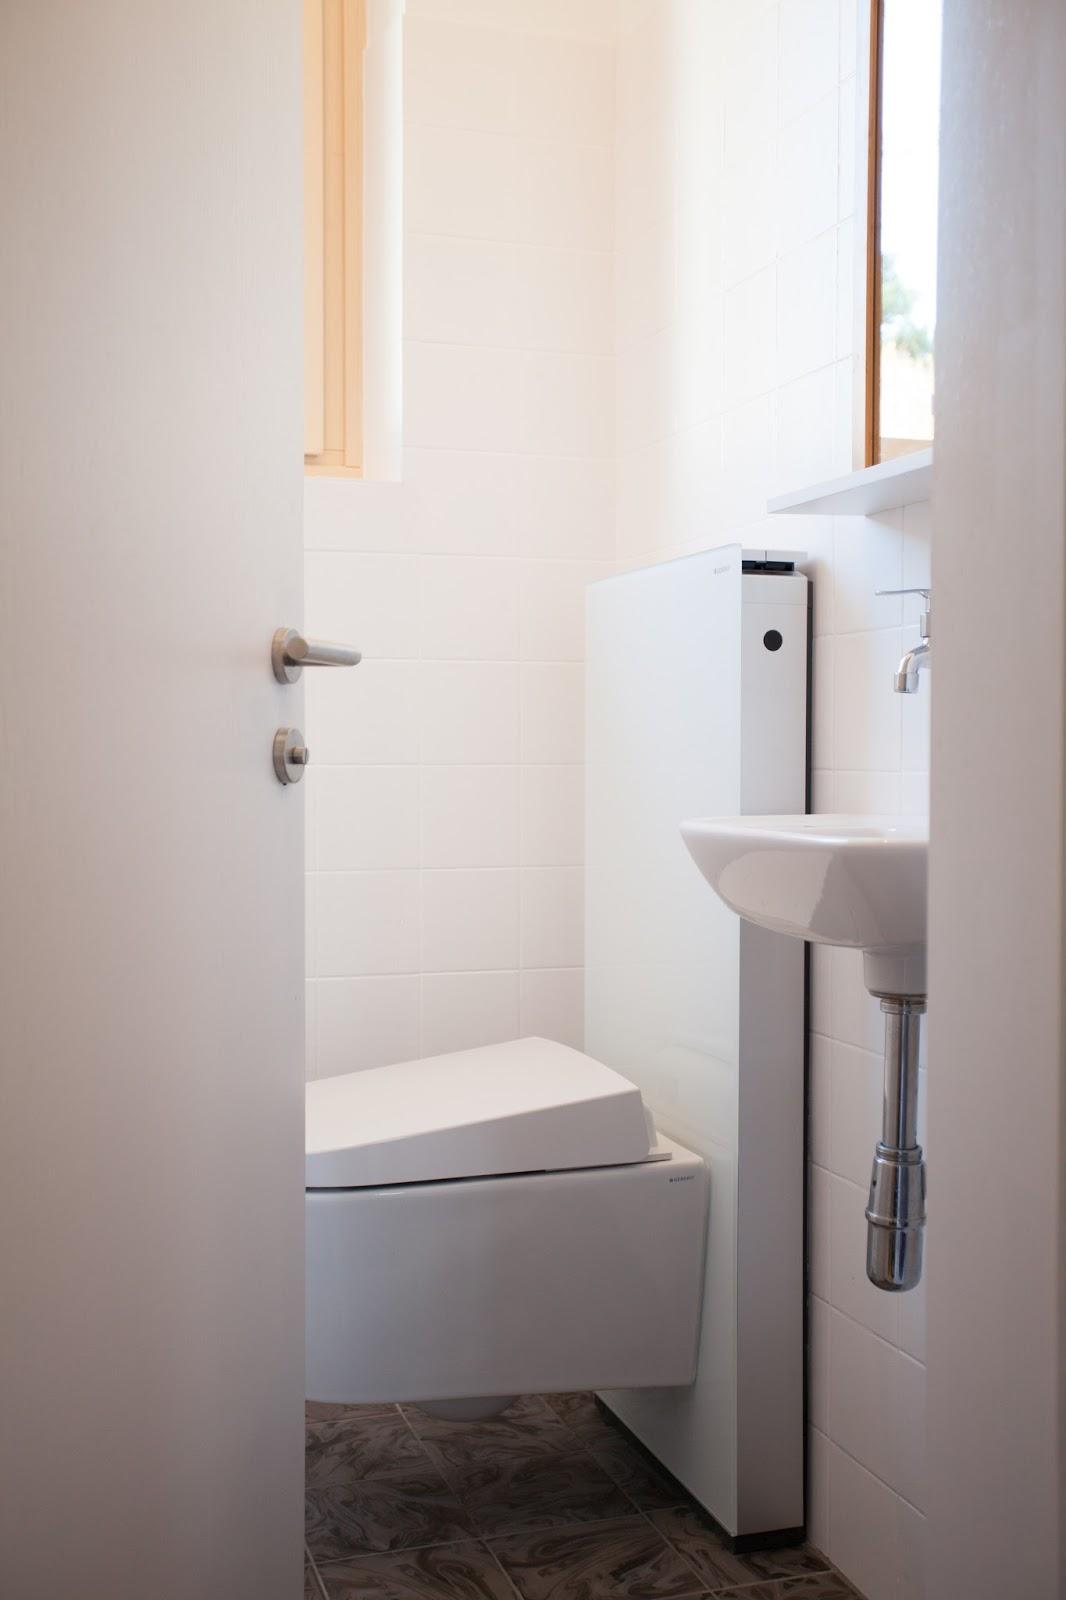 Lobeshymne auf unser neues Dusch-WC - WOHNPROJEKT - Wohnblog für ...